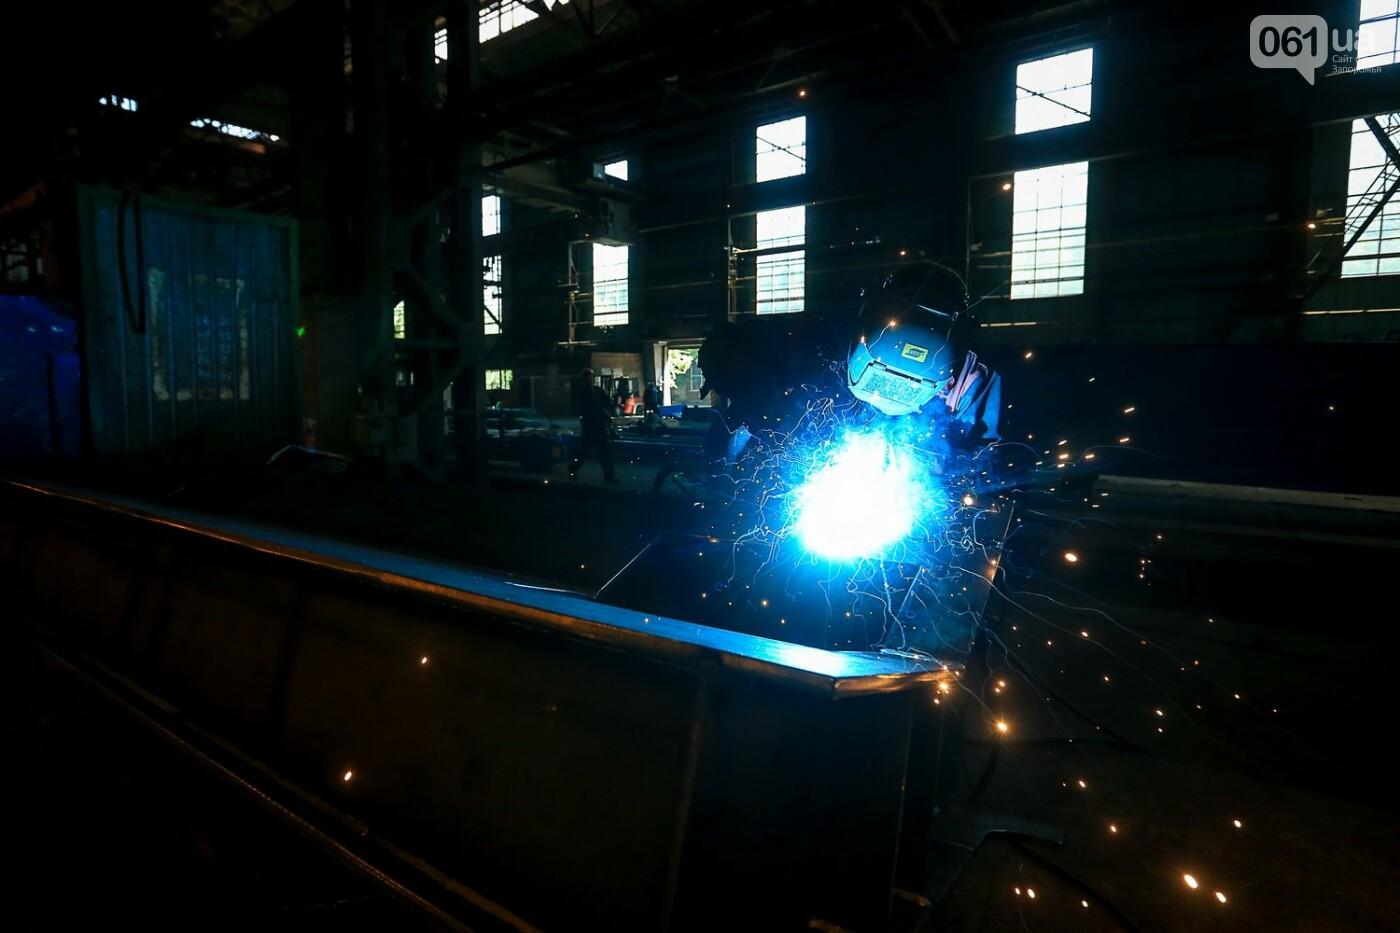 Как в Запорожье работает крупнейший в Европе завод по производству кранов: экскурсия на производство, — ФОТОРЕПОРТАЖ, фото-20